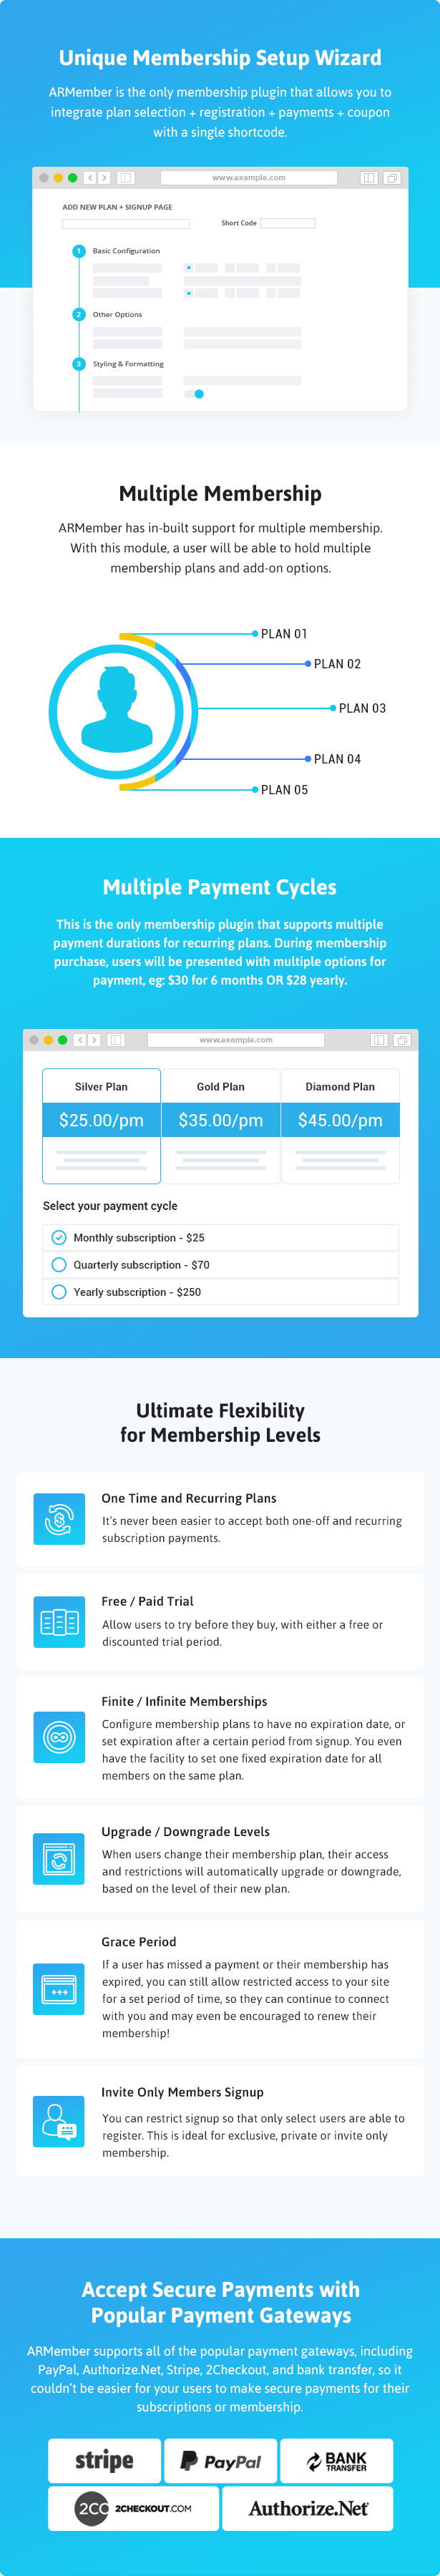 ARMember - WordPress Membership Plugin - 10  - part 2 - ARMember – WordPress Membership Plugin